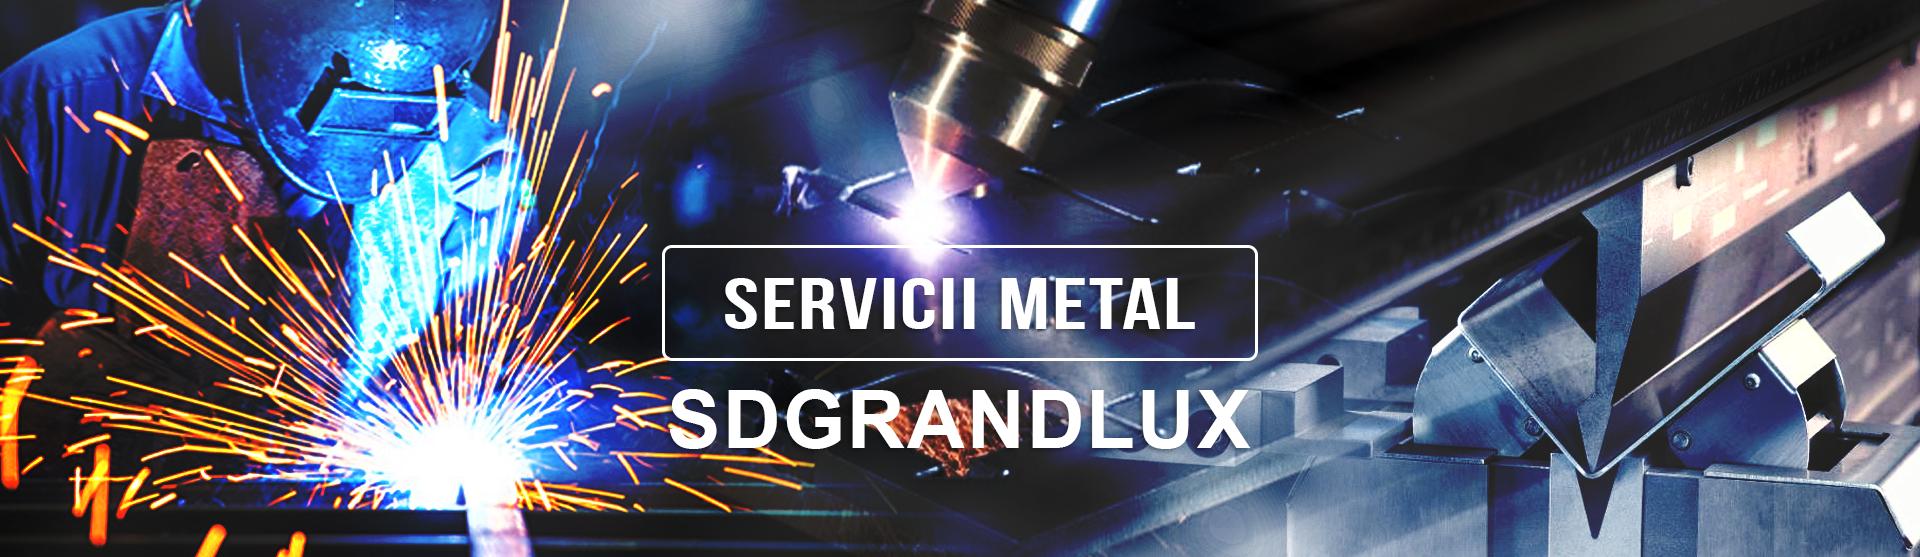 Servicii metal